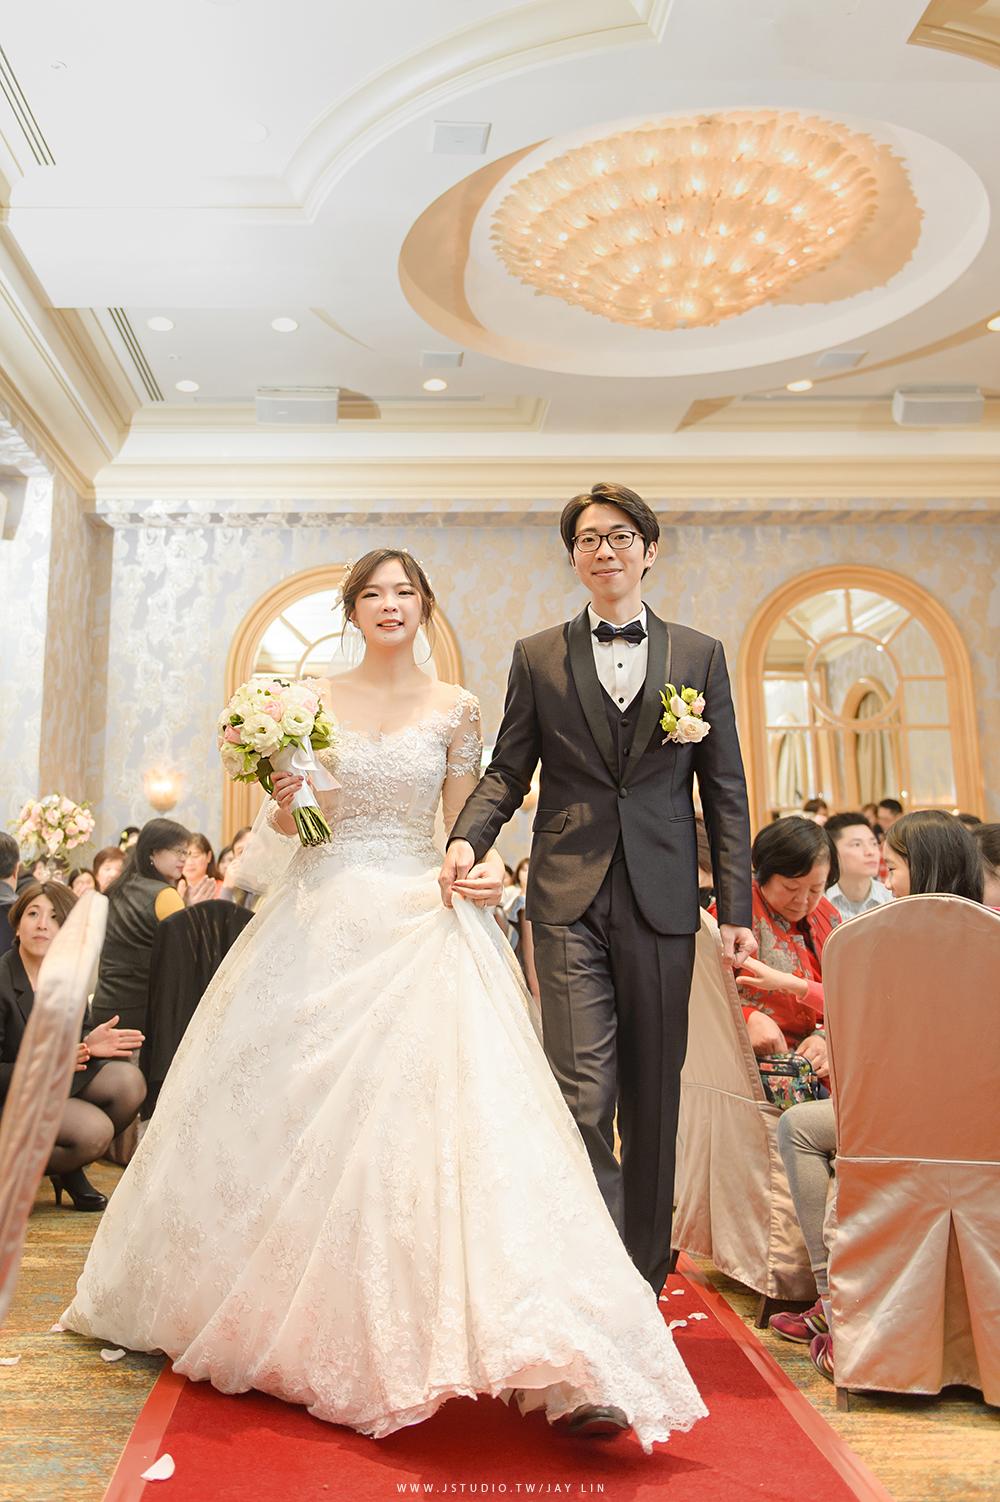 婚攝 推薦婚攝 台北西華飯店  台北婚攝 婚禮紀錄 JSTUDIO_0065